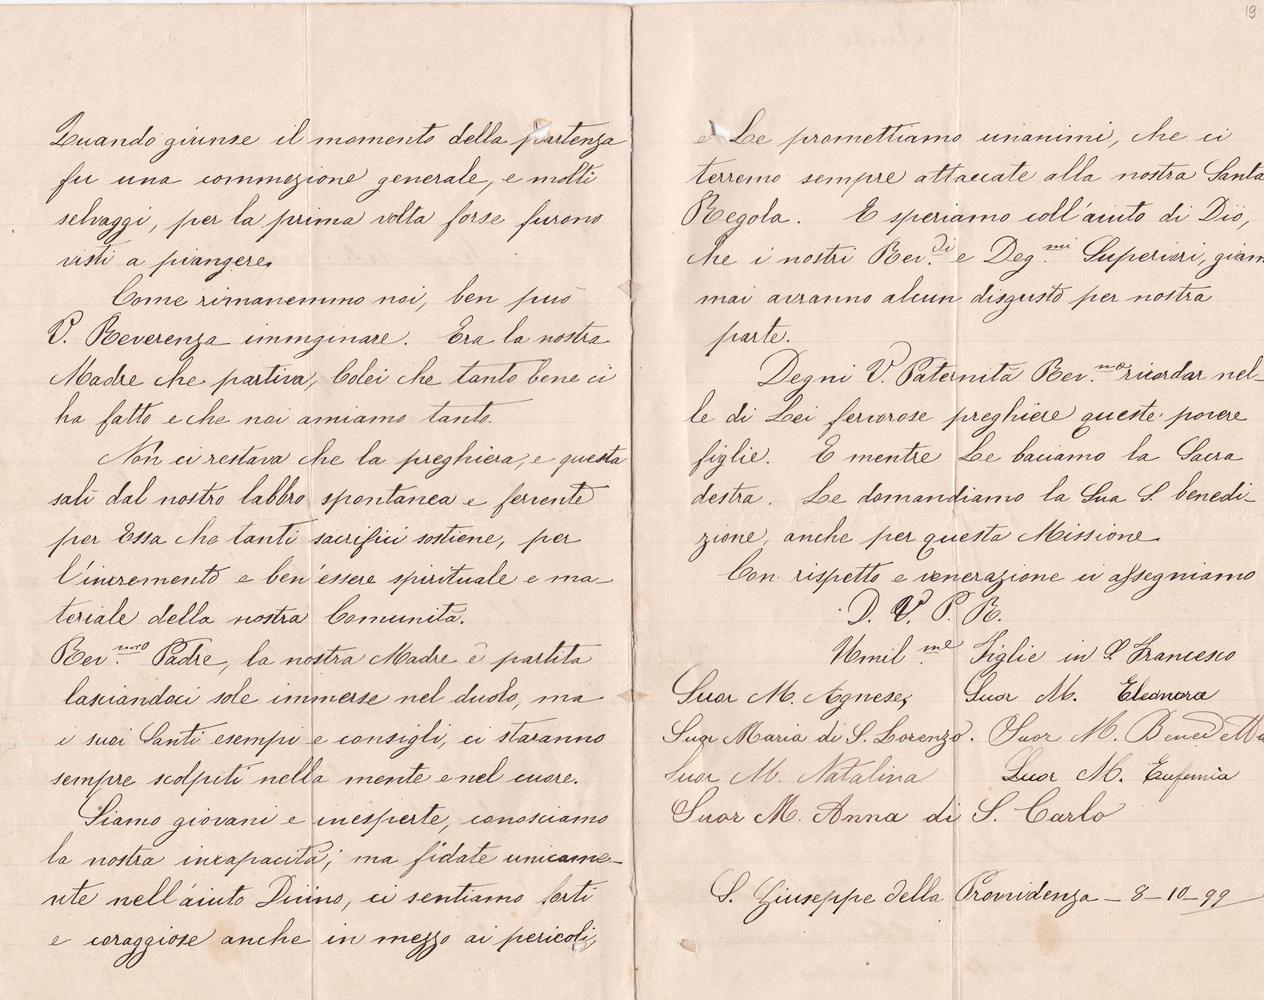 Lettera del gruppo delle missionarie 08.10.1899 verso